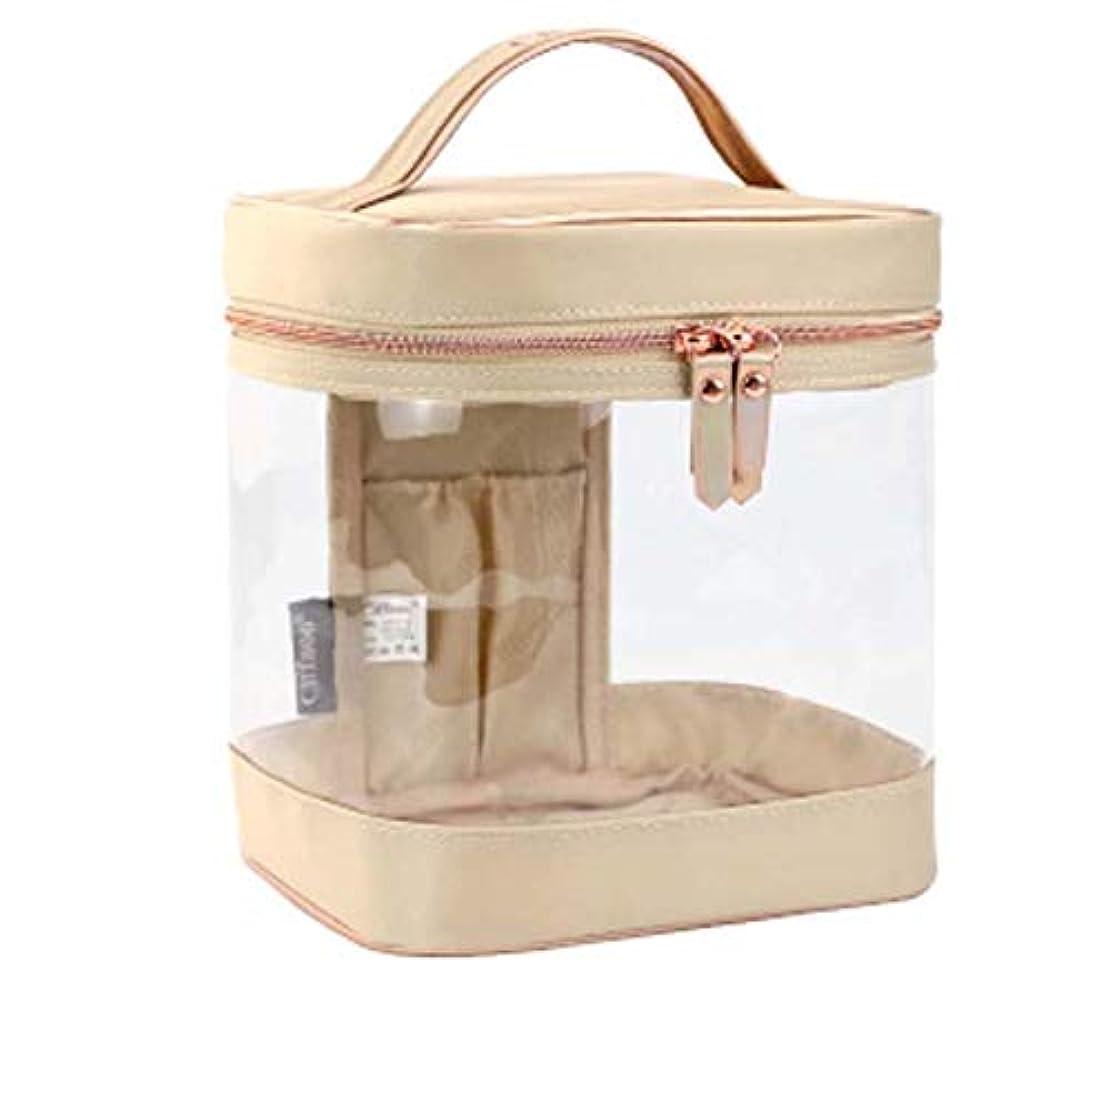 化粧ポーチ 防水 透明 PVC コスメポーチ高品質 トイレタリーバッグ 洗面用具収納ポーチ 旅行 母の日 (ベージュ)